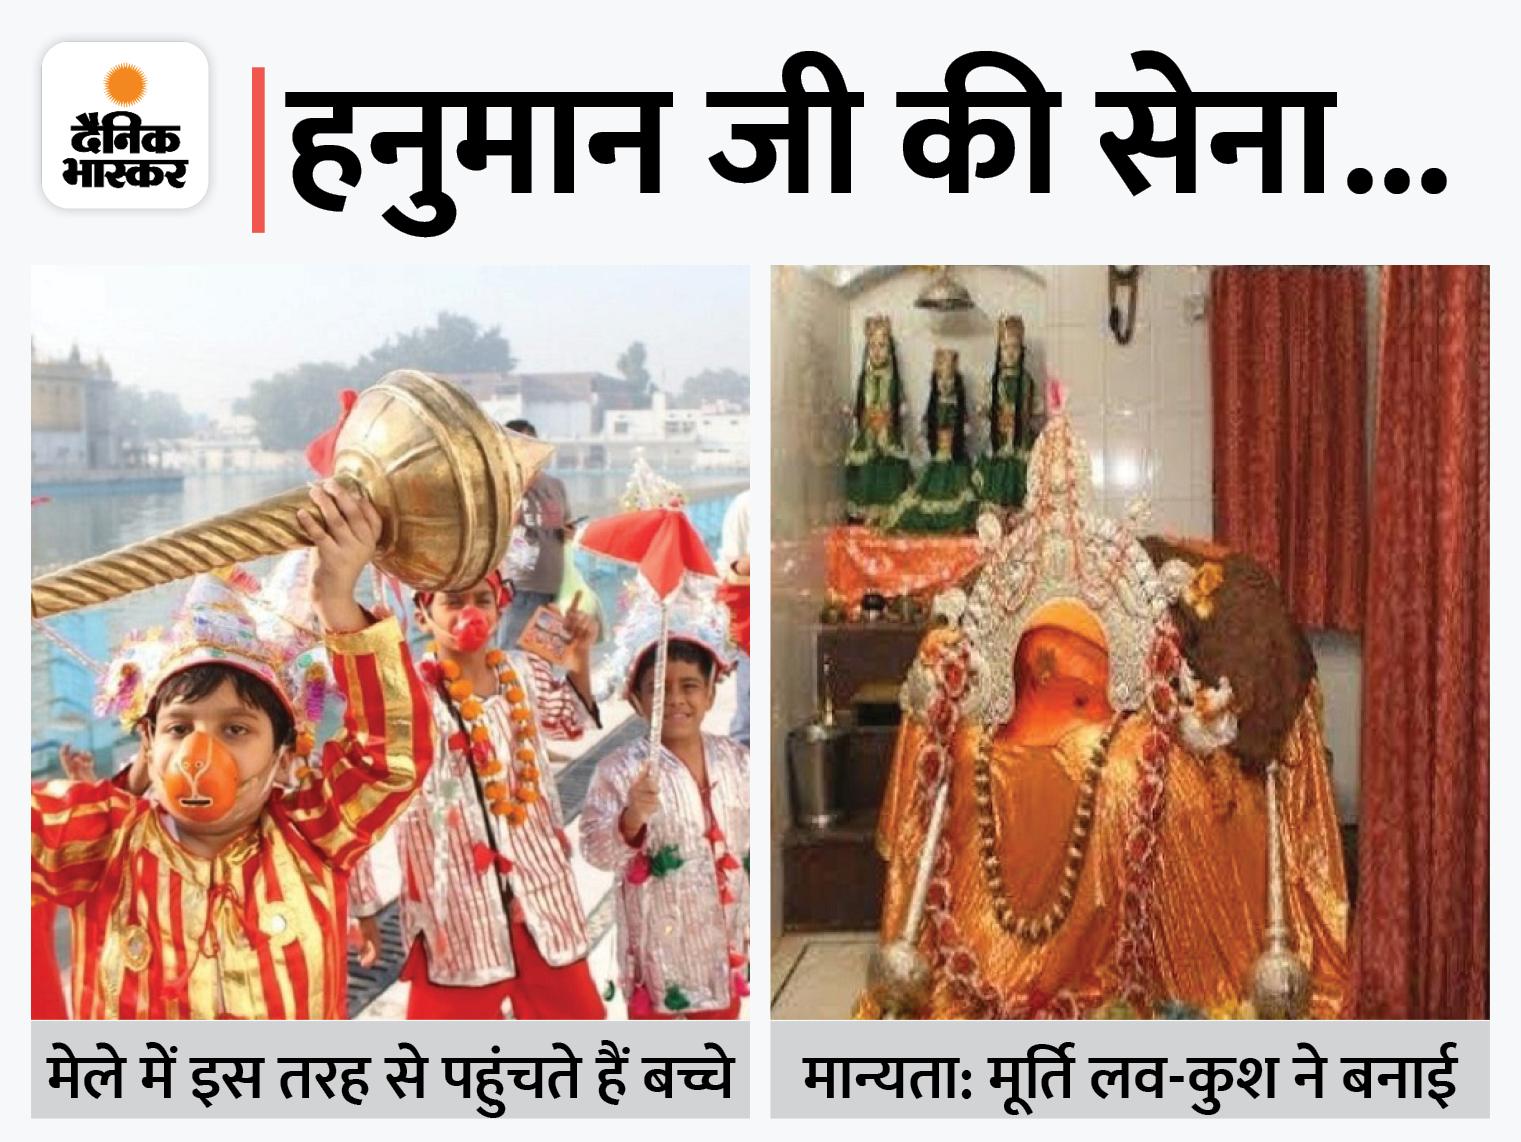 मान्यता है कि बड़ा हनुमान मंदिर में मन्नत मांगने से भरती है सूनी गोद, संतान होने पर नवरात्र में उसे लंगूर का बाणा पहनाकर टेका जाता है मत्था|अमृतसर,Amritsar - Dainik Bhaskar